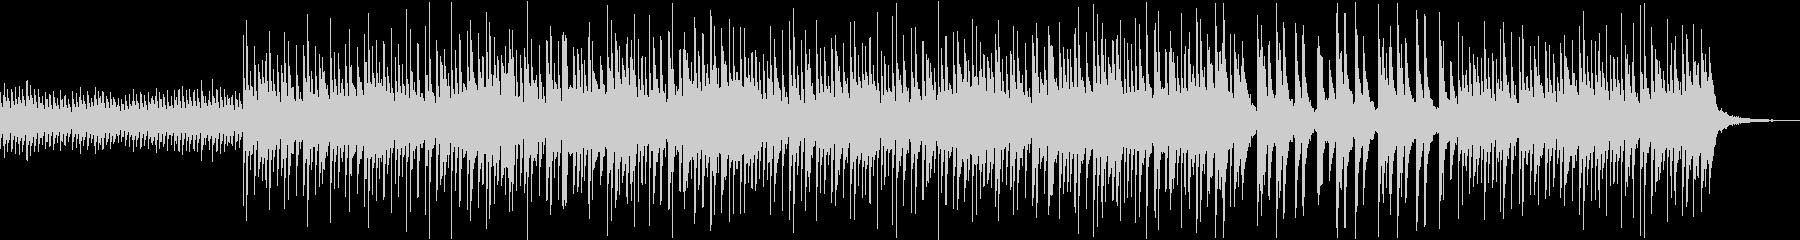 クイズ サイエンス 不思議なマリンバの未再生の波形